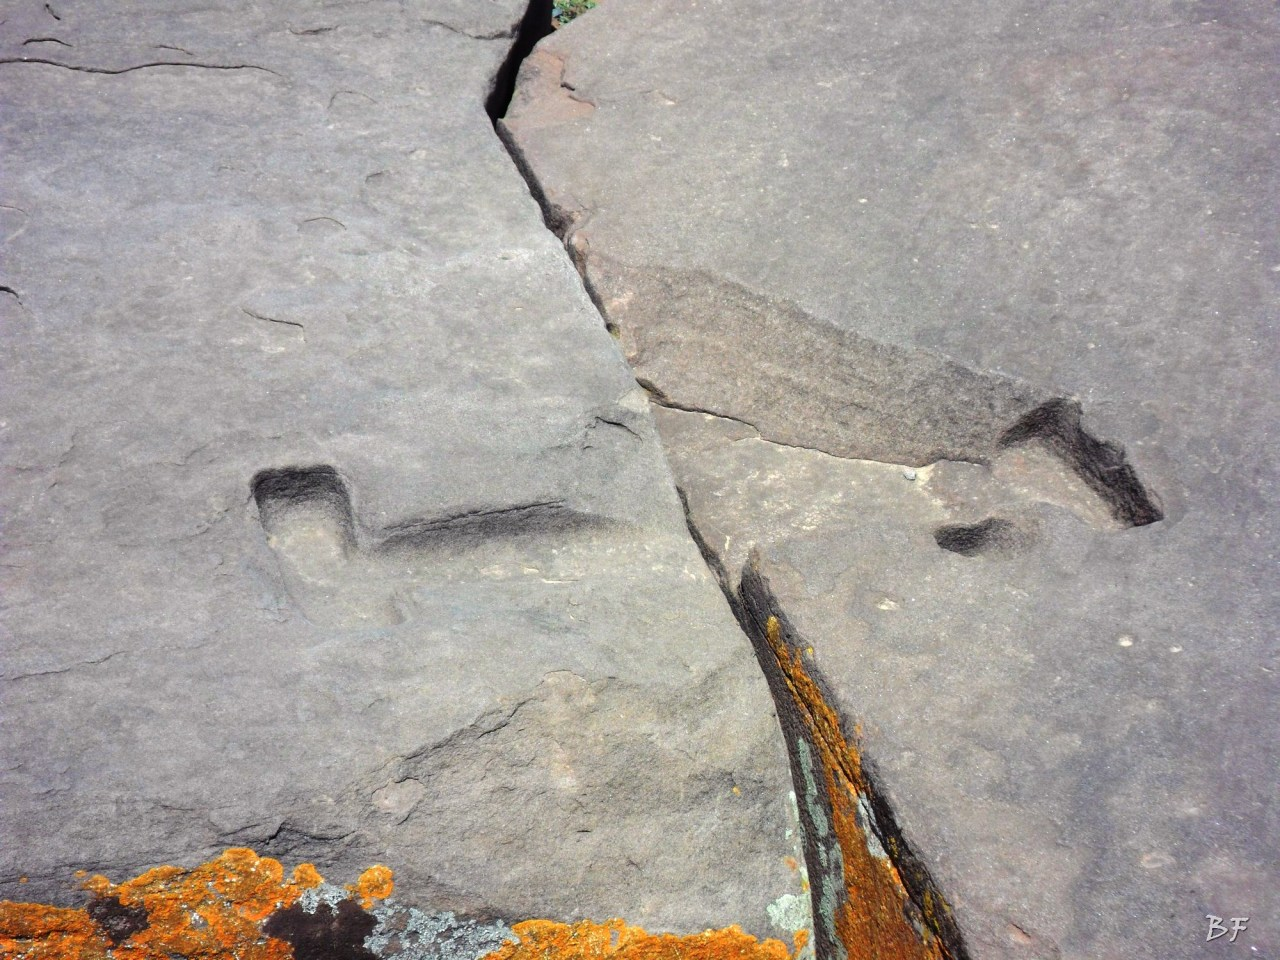 Puma-Punku-Area-Megalitica-Mura-Poligonali-Megaliti-Tiwanaku-Tiahuanaco-Bolivia-77